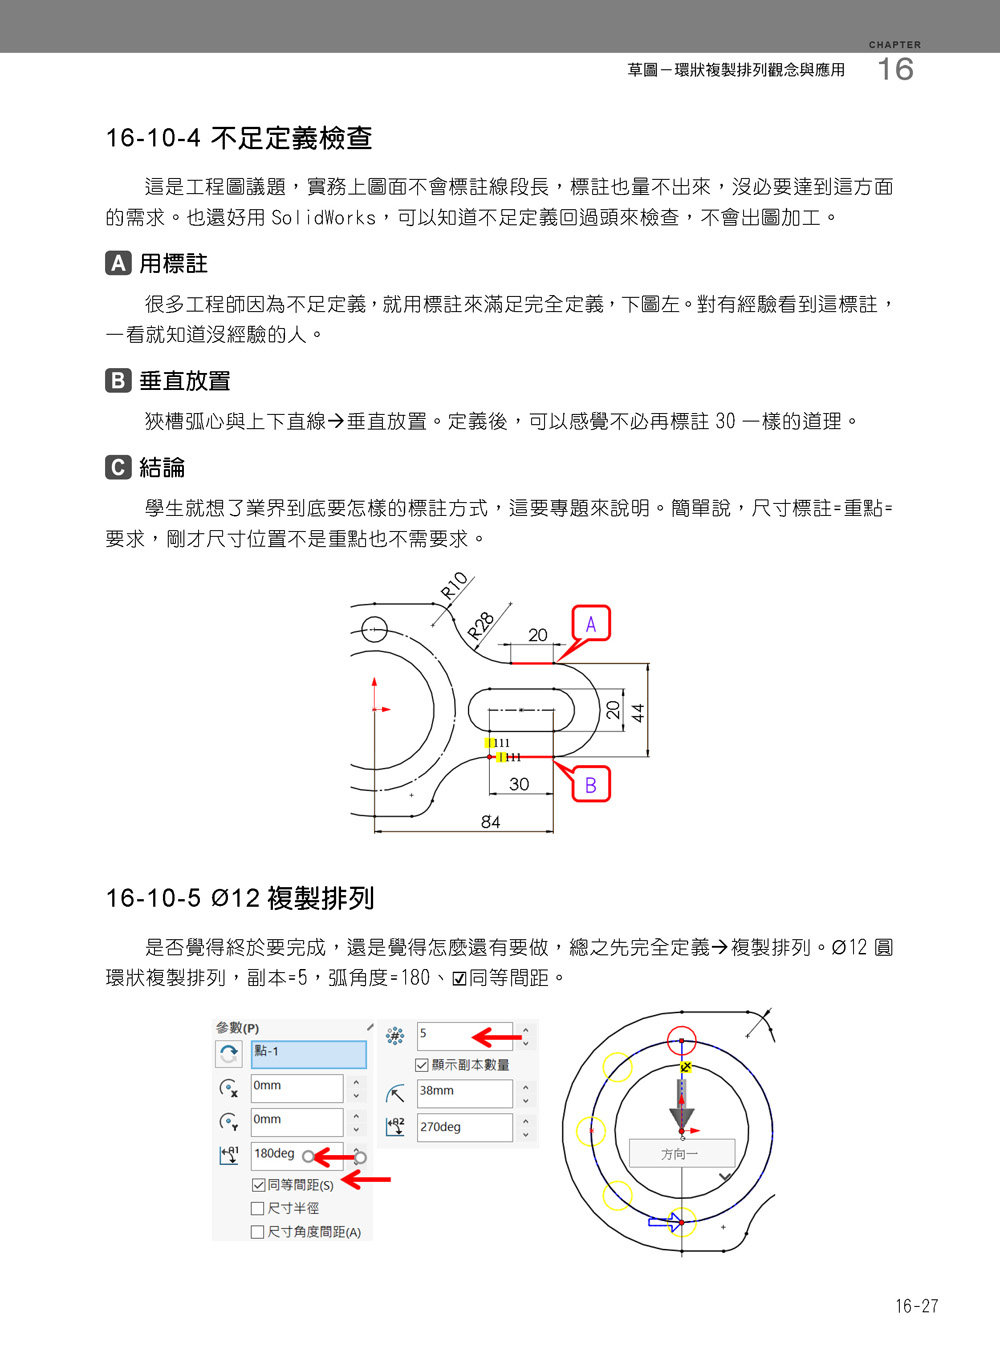 SolidWorks專業工程師訓練手冊[1]-基礎零件, 2/e-preview-25